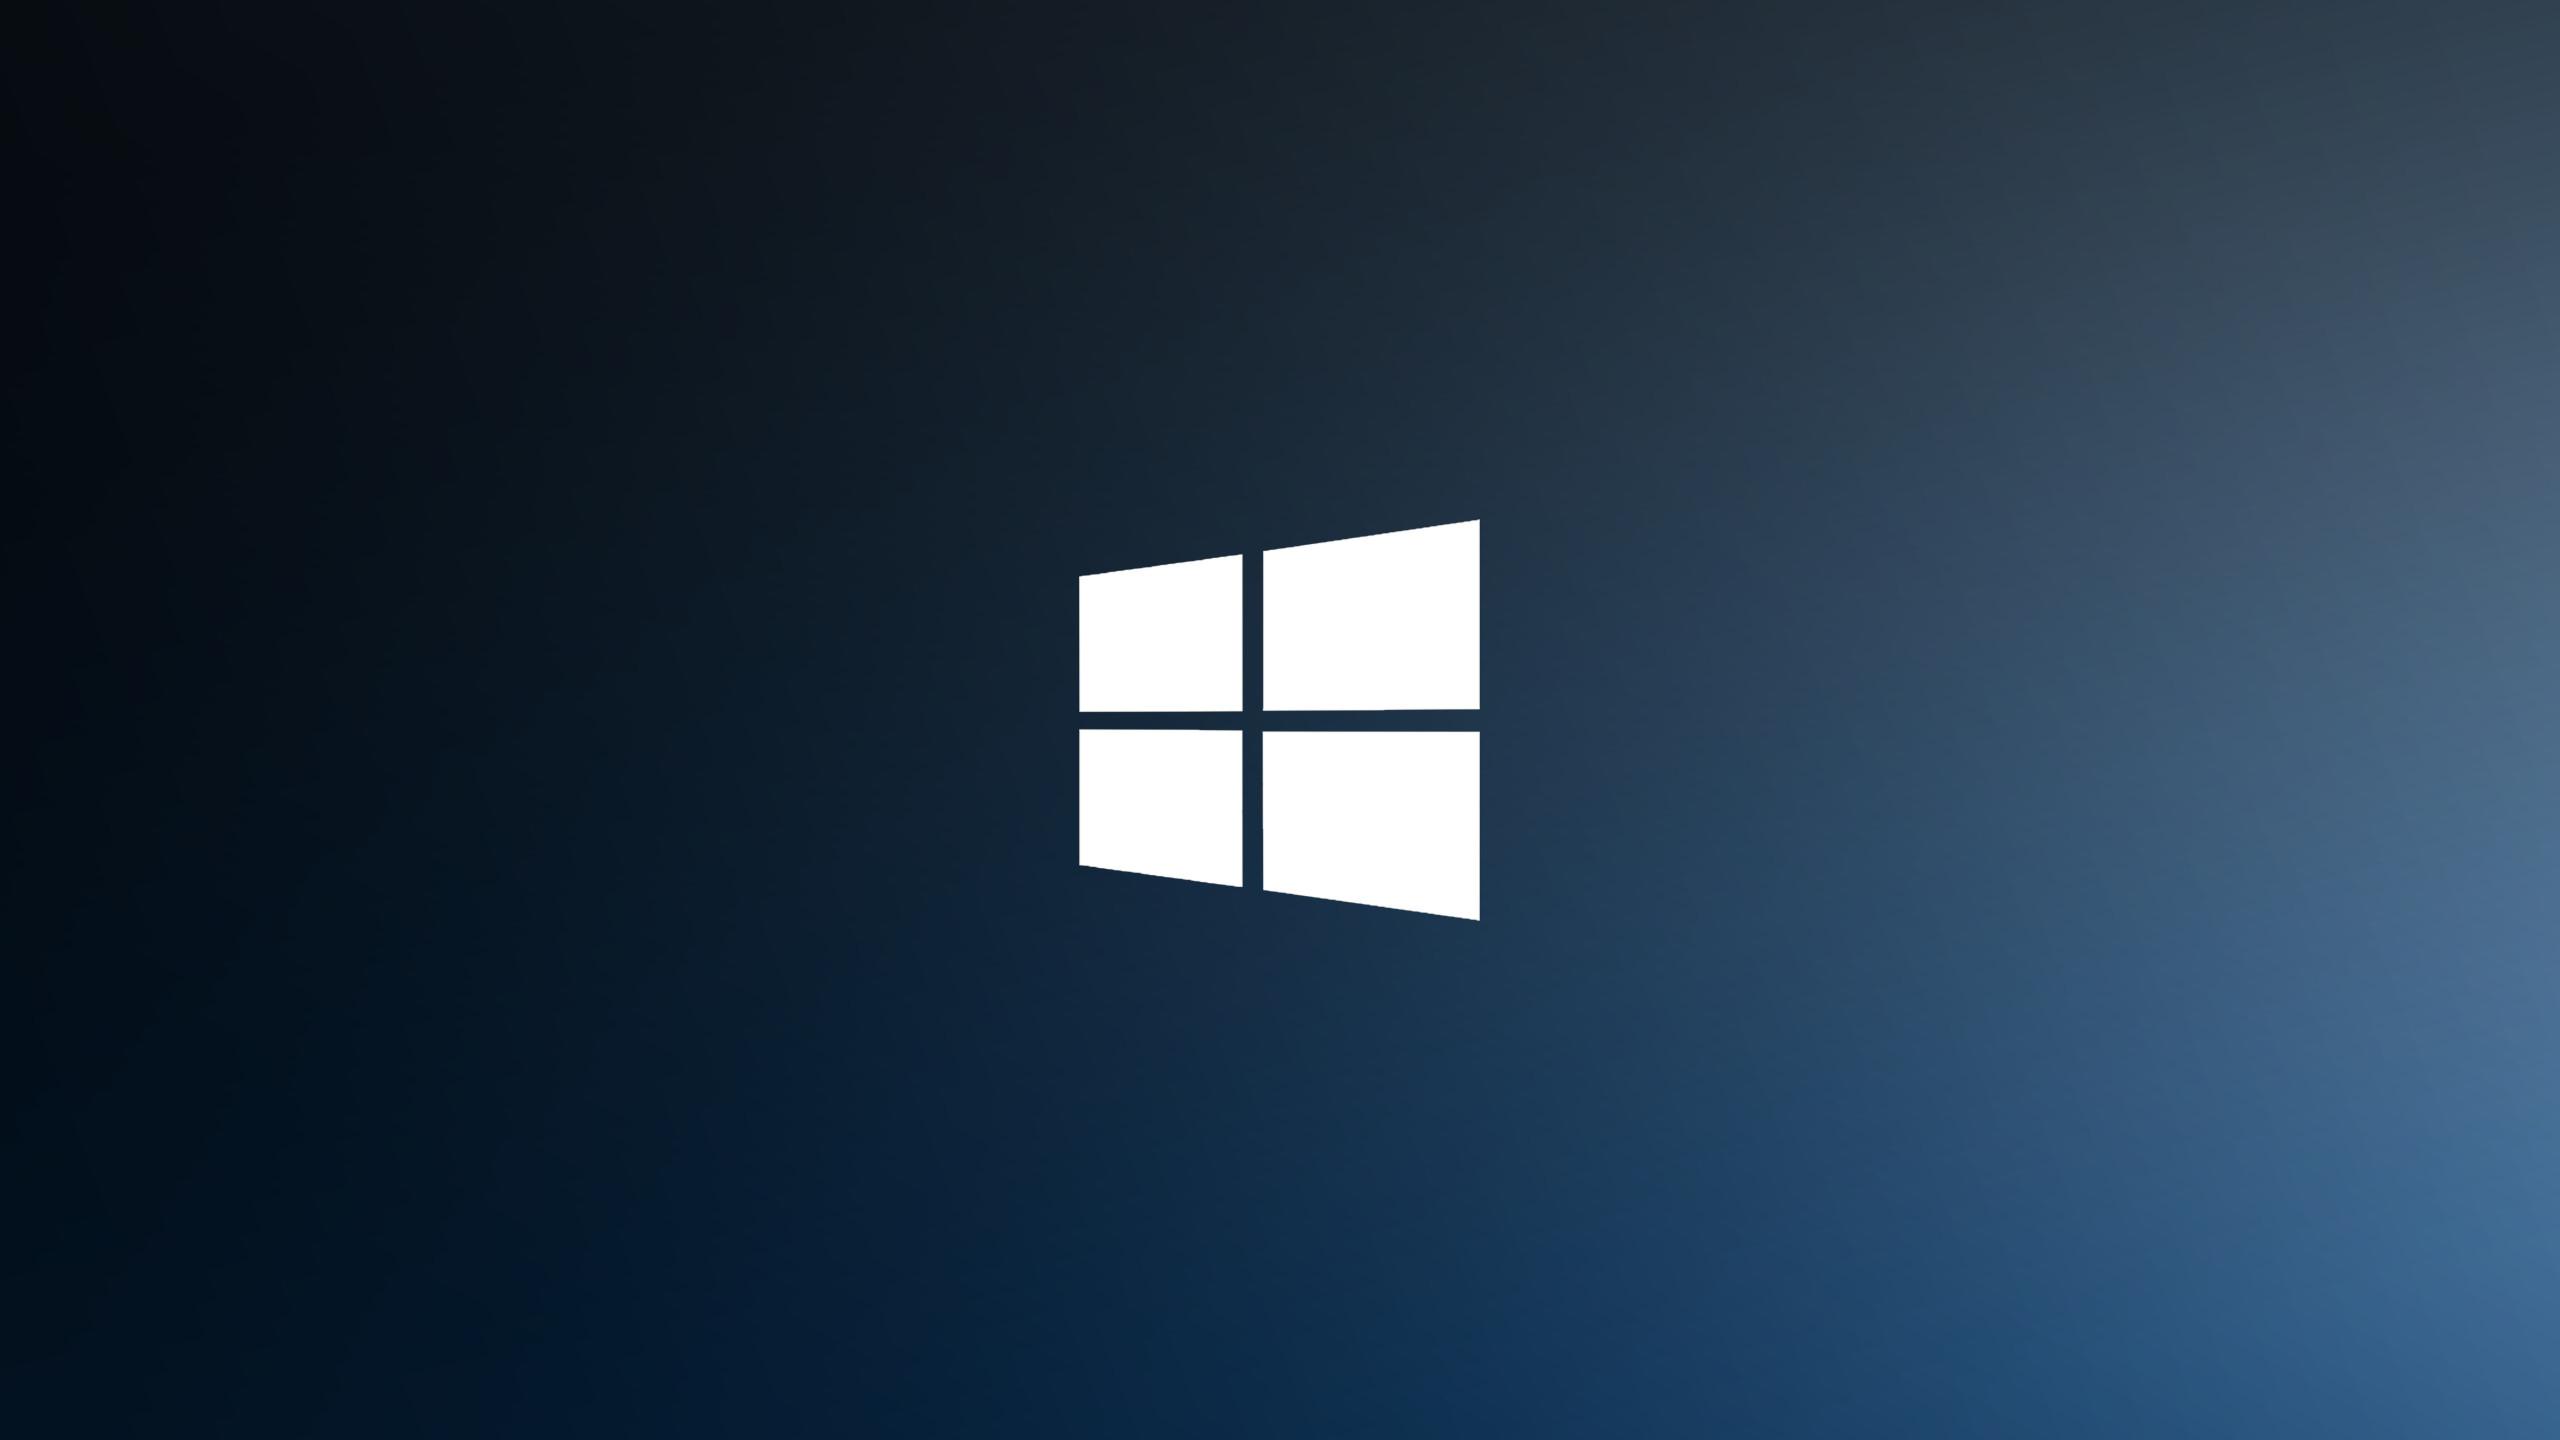 Win_Logo_2560x1440.jpg